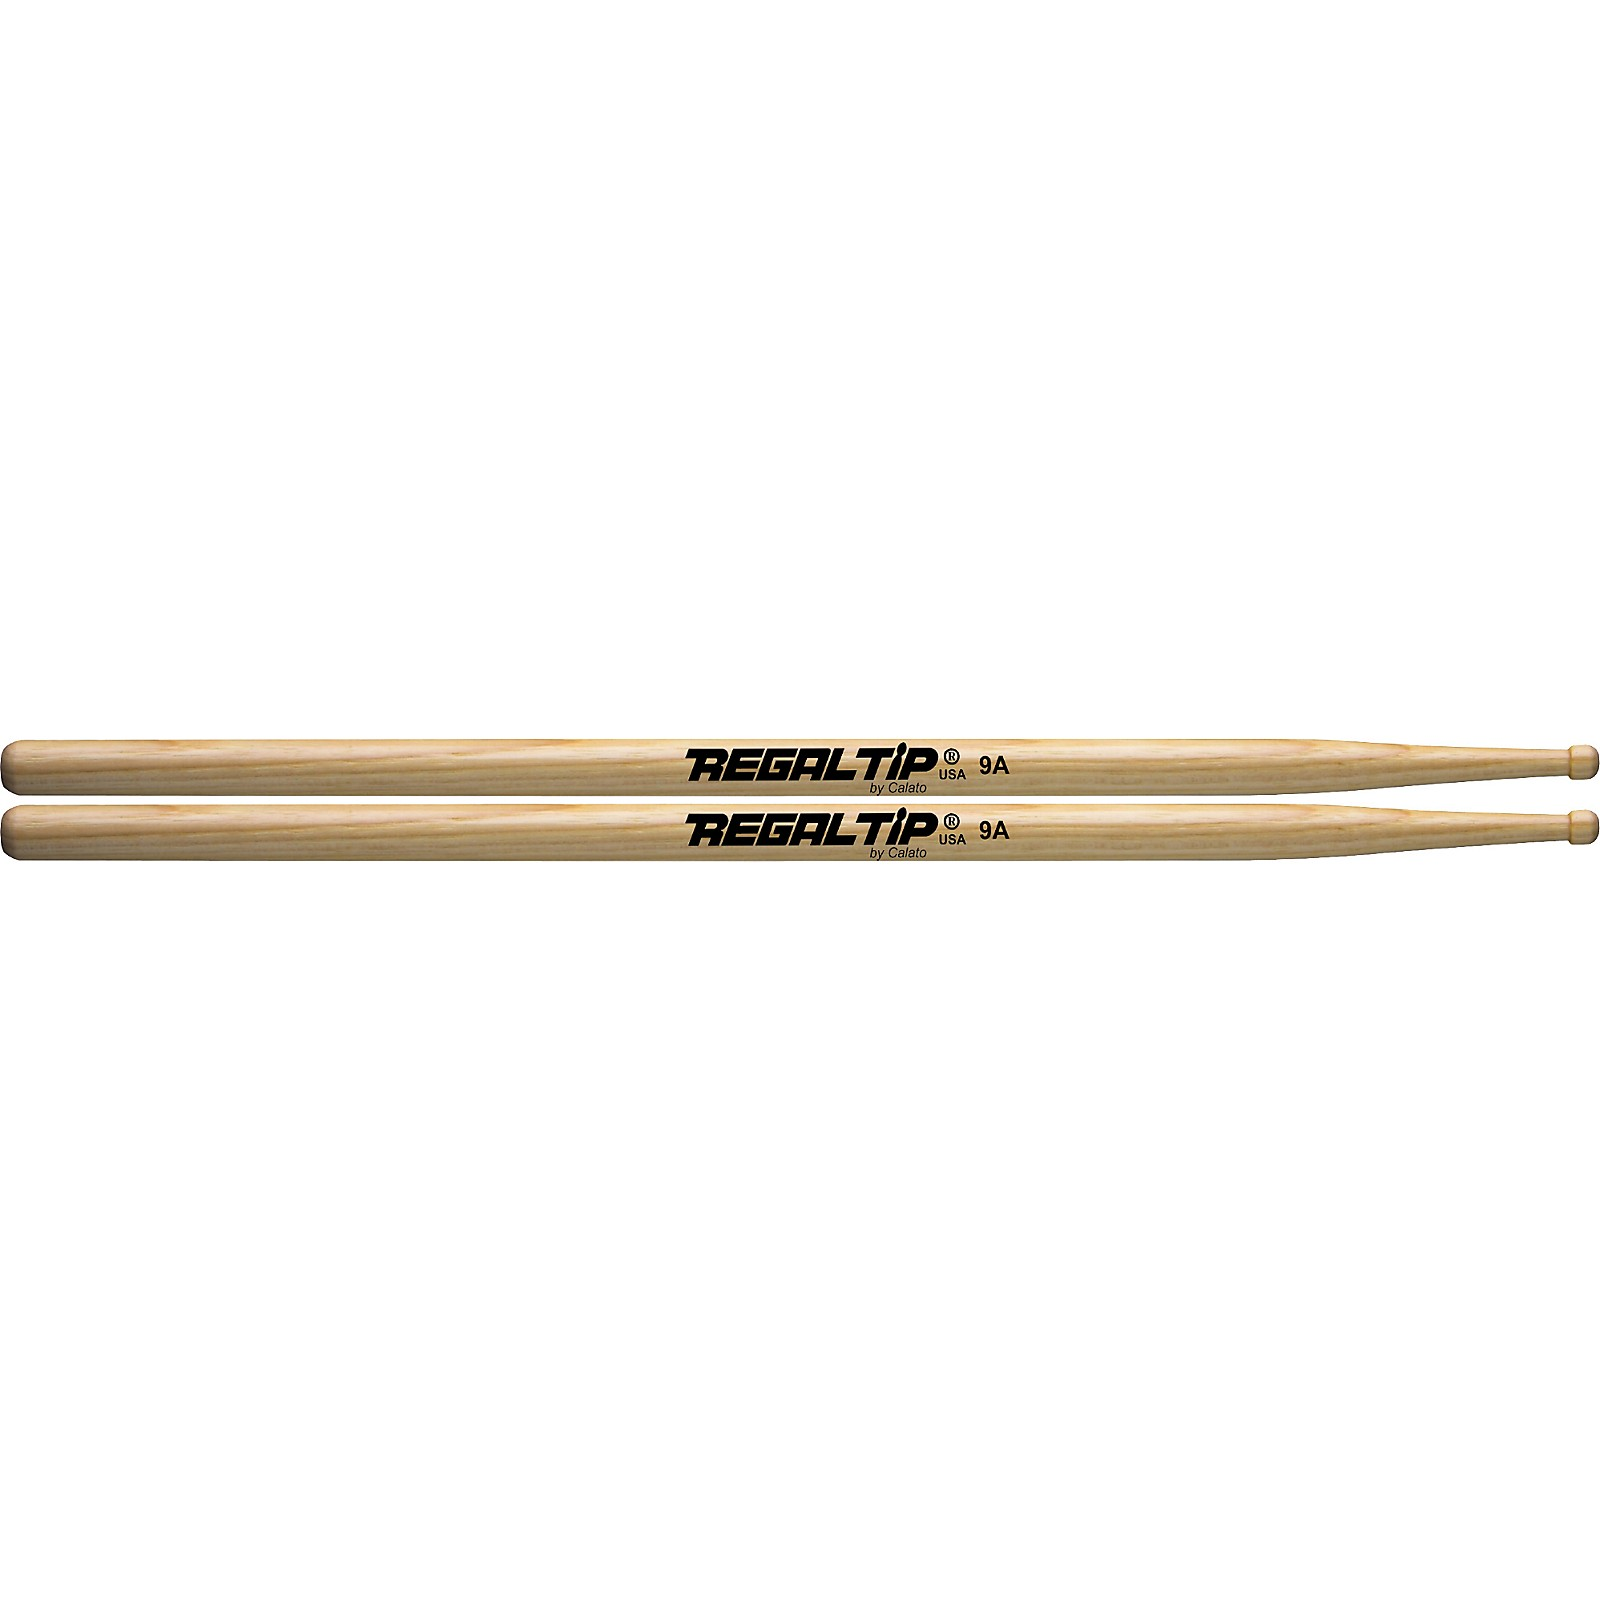 Regal Tip Hickory Drumsticks